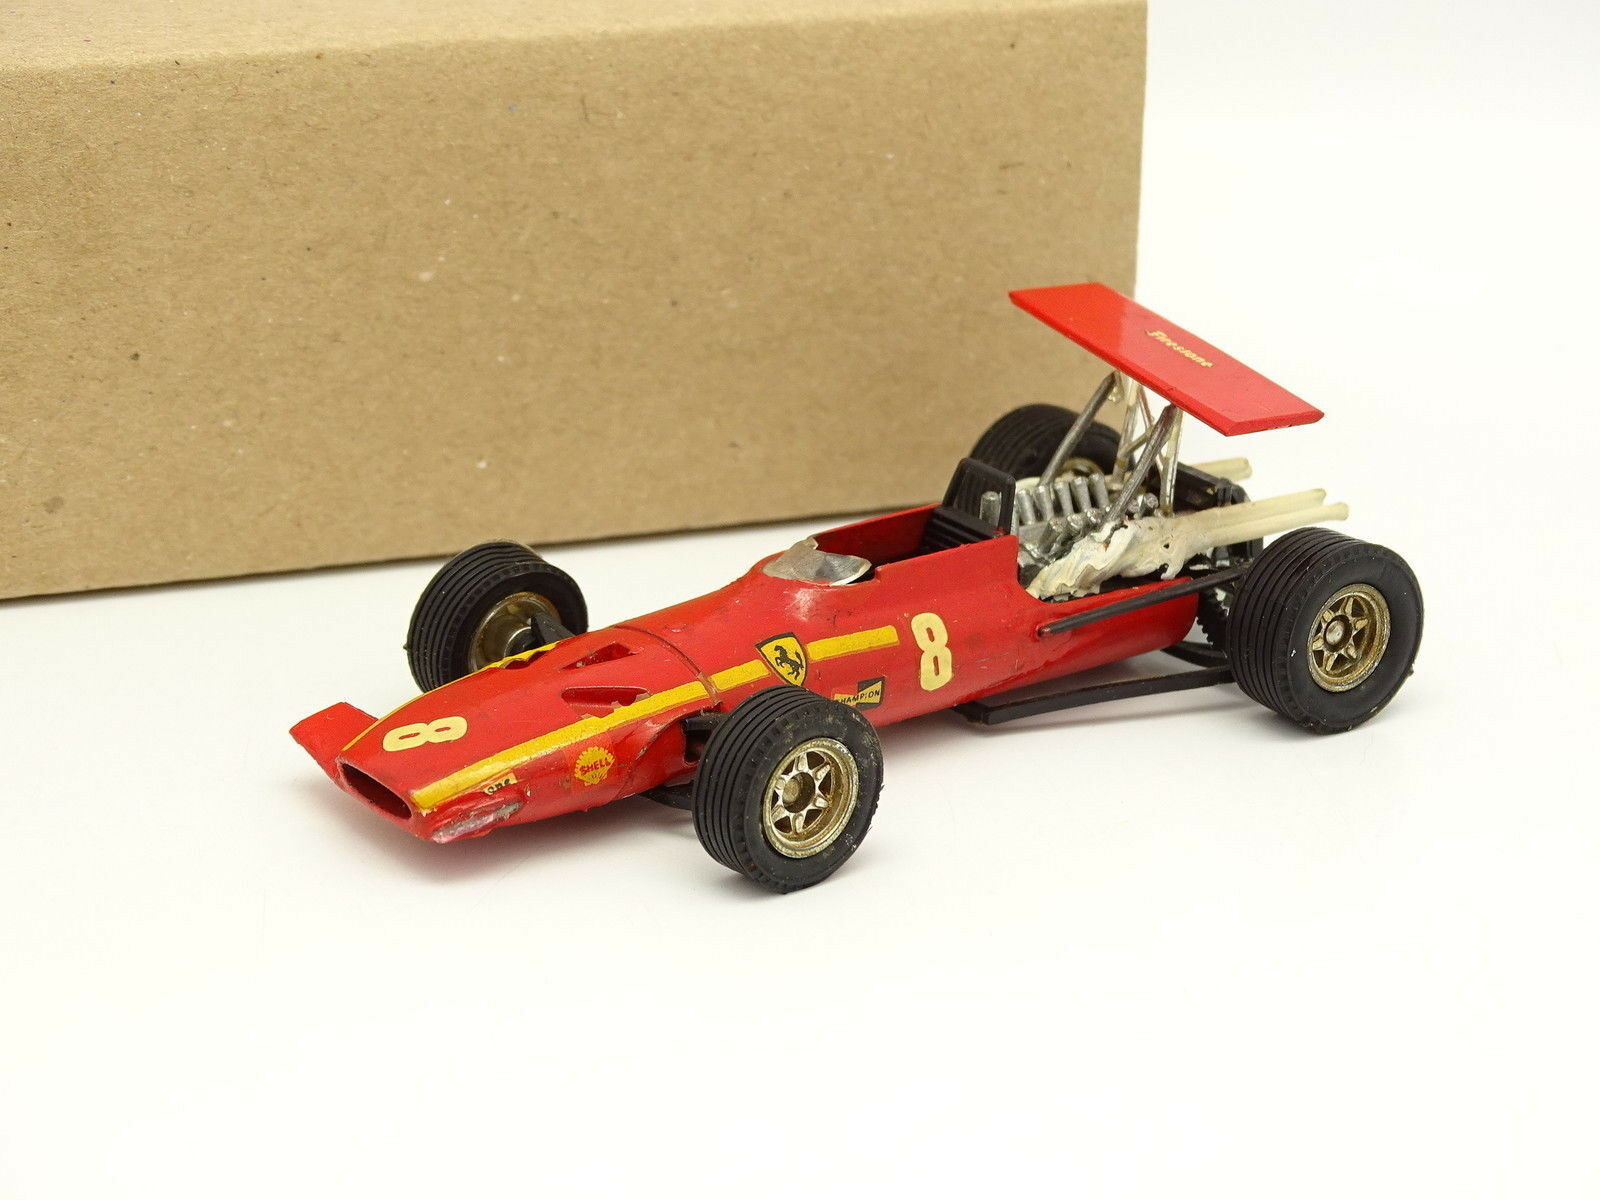 Dinky Francia De Juguetes 1 1 1 43 - Ferrari F1 V12 1422  disfrutando de sus compras